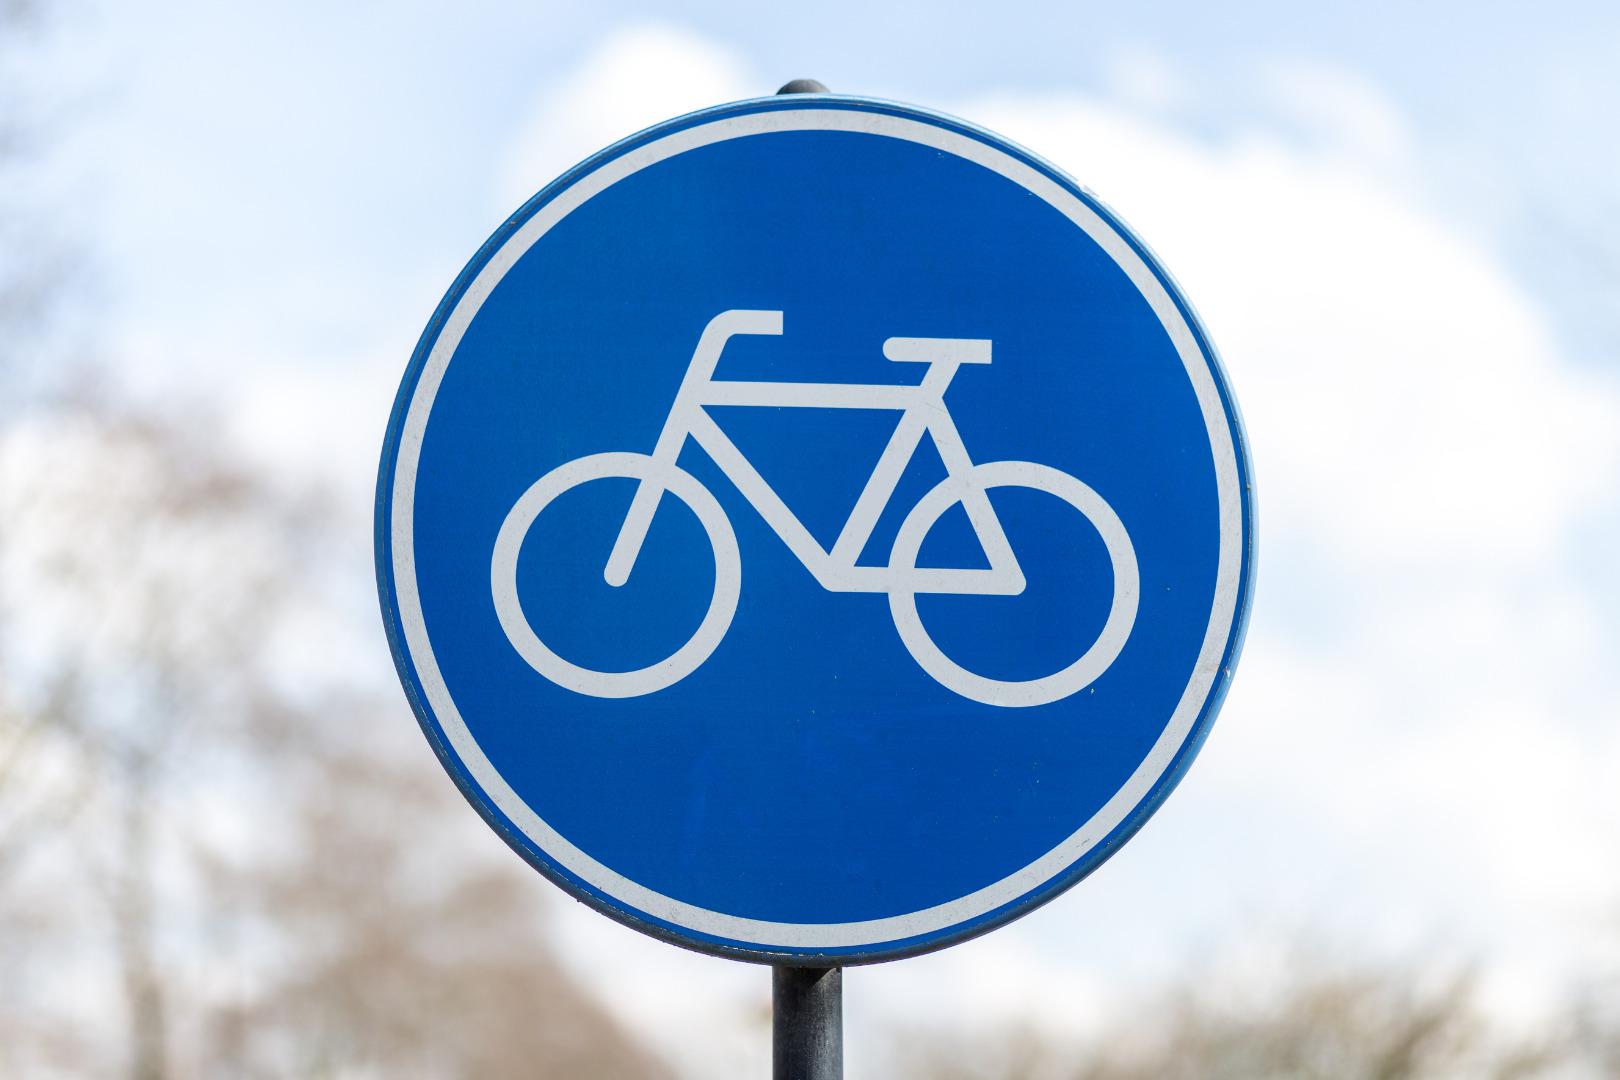 Memorandum Münsterland – Oost Nederland Masterplan grenzüberschreitender Radschnellweg F35 wird erstellt 2